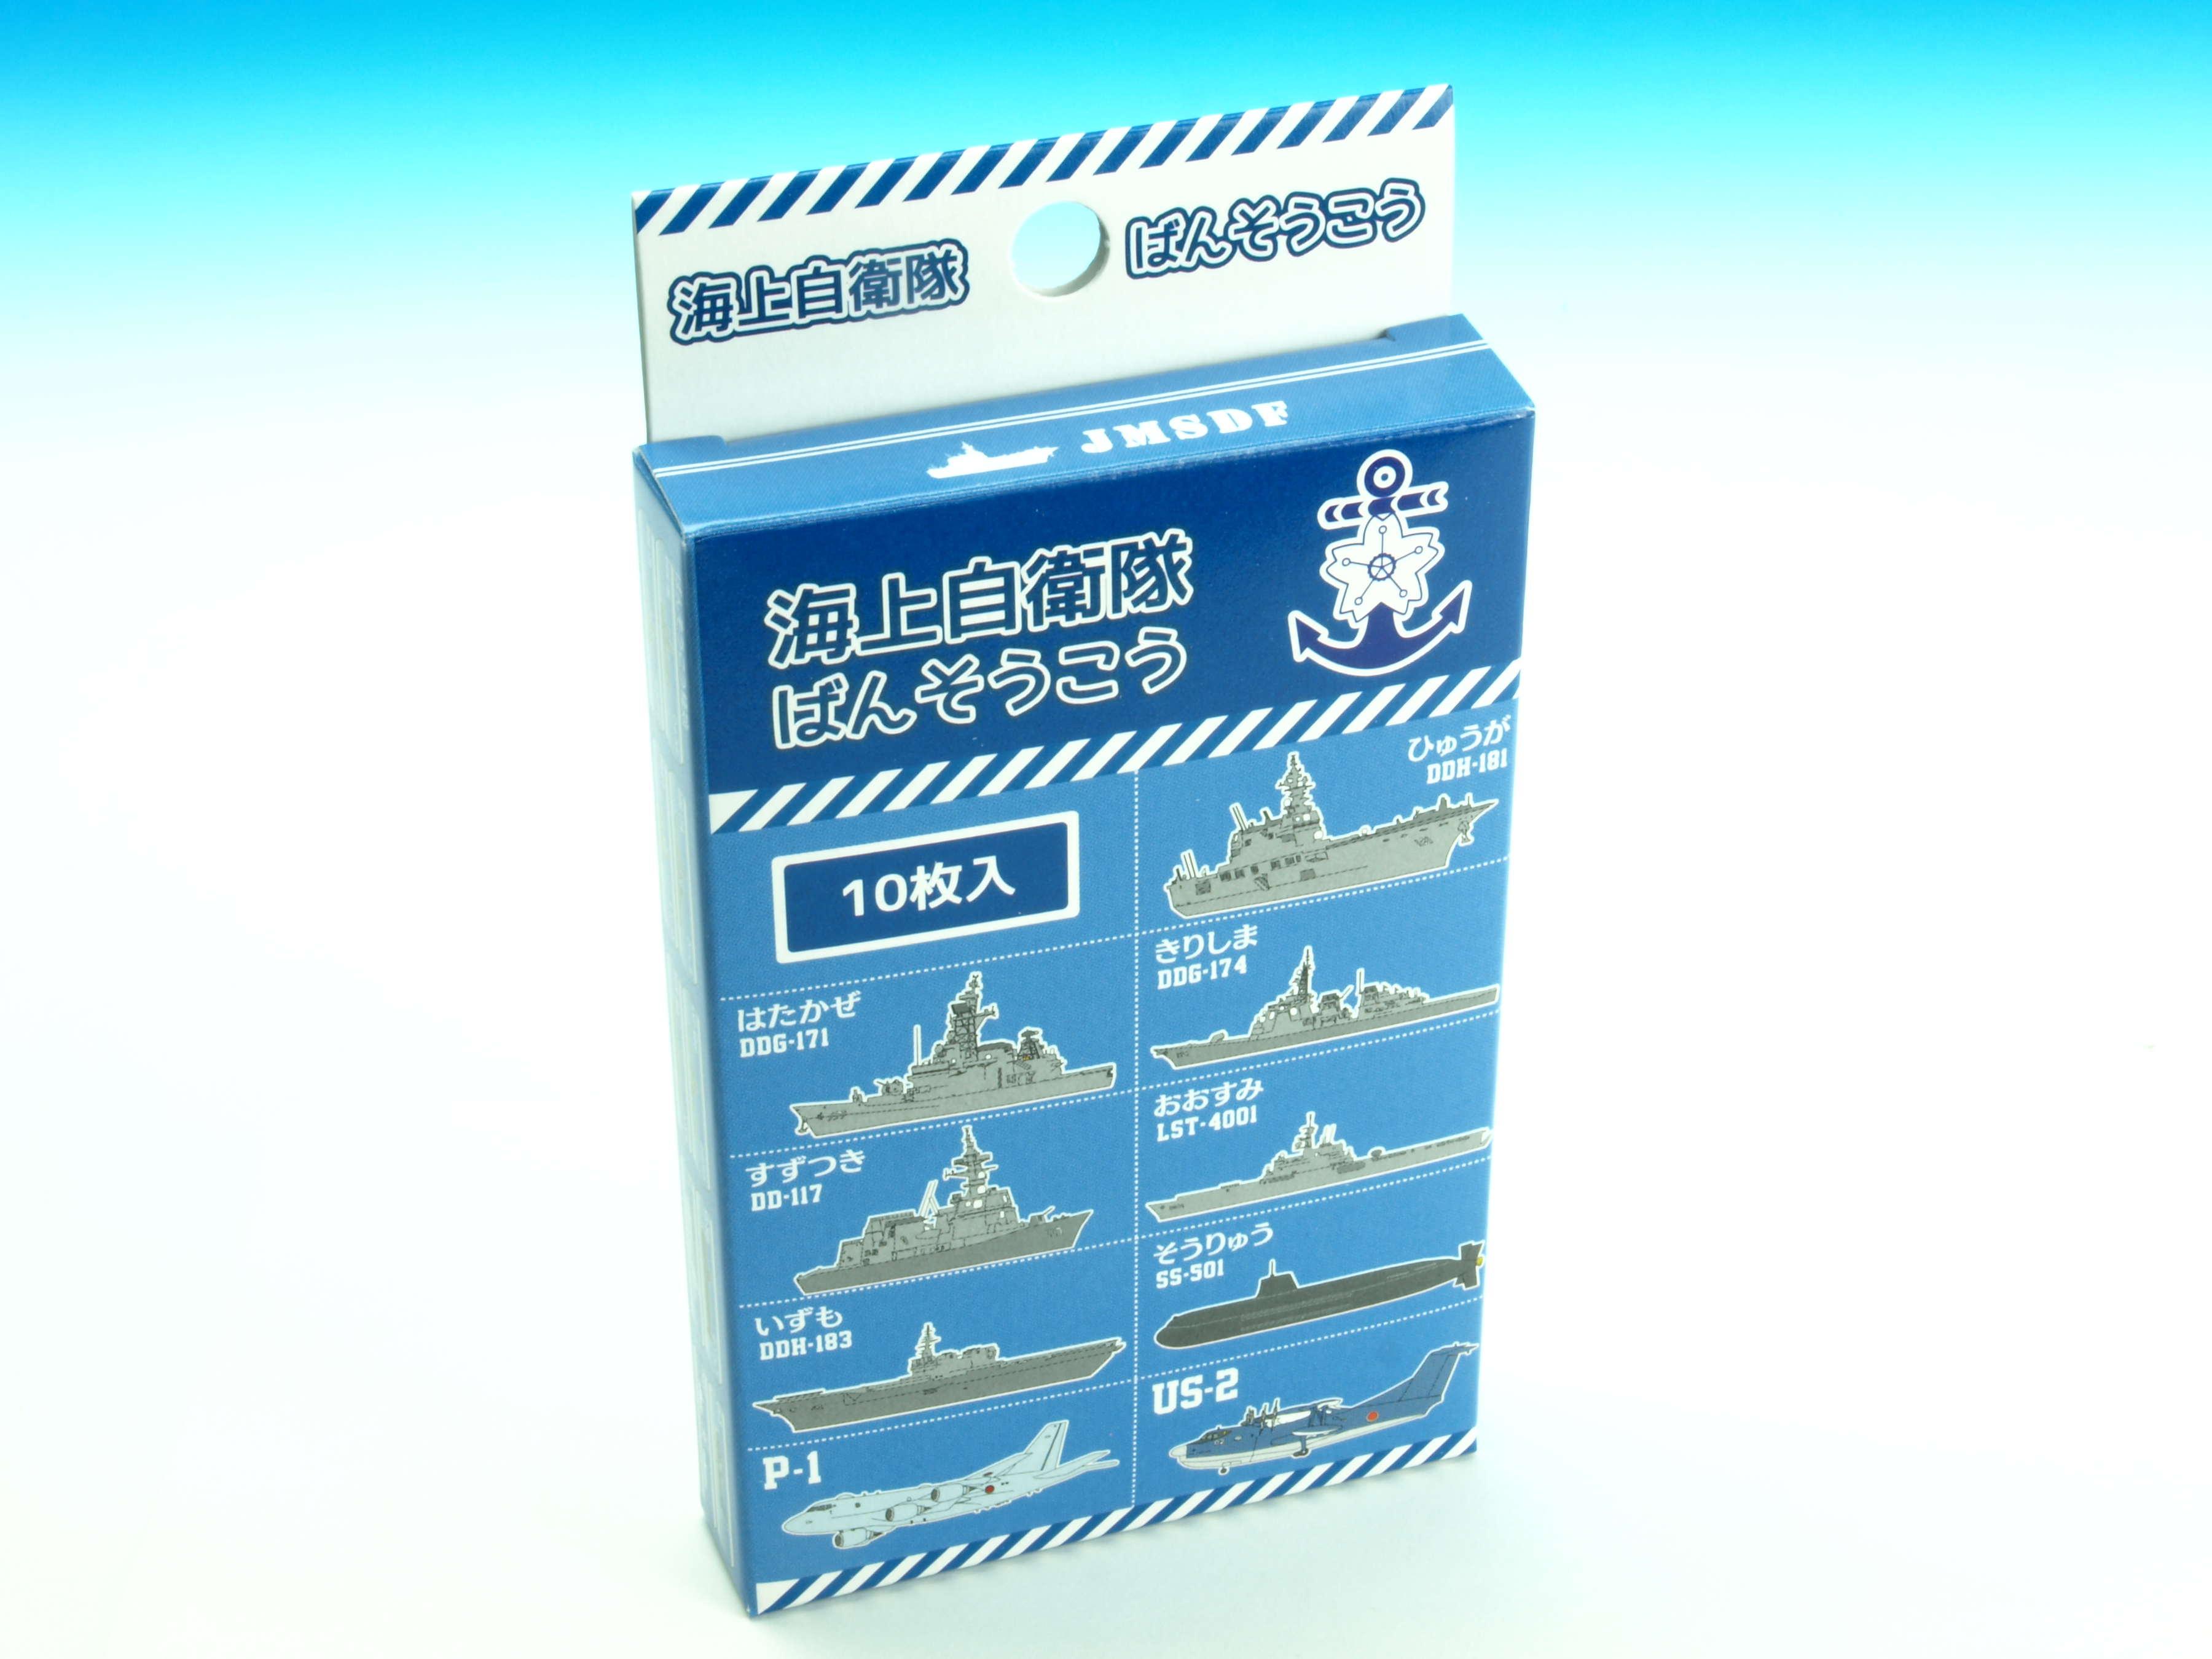 KBオリジナル アイテム ばんそうこう、10枚セット  「海上自衛隊」